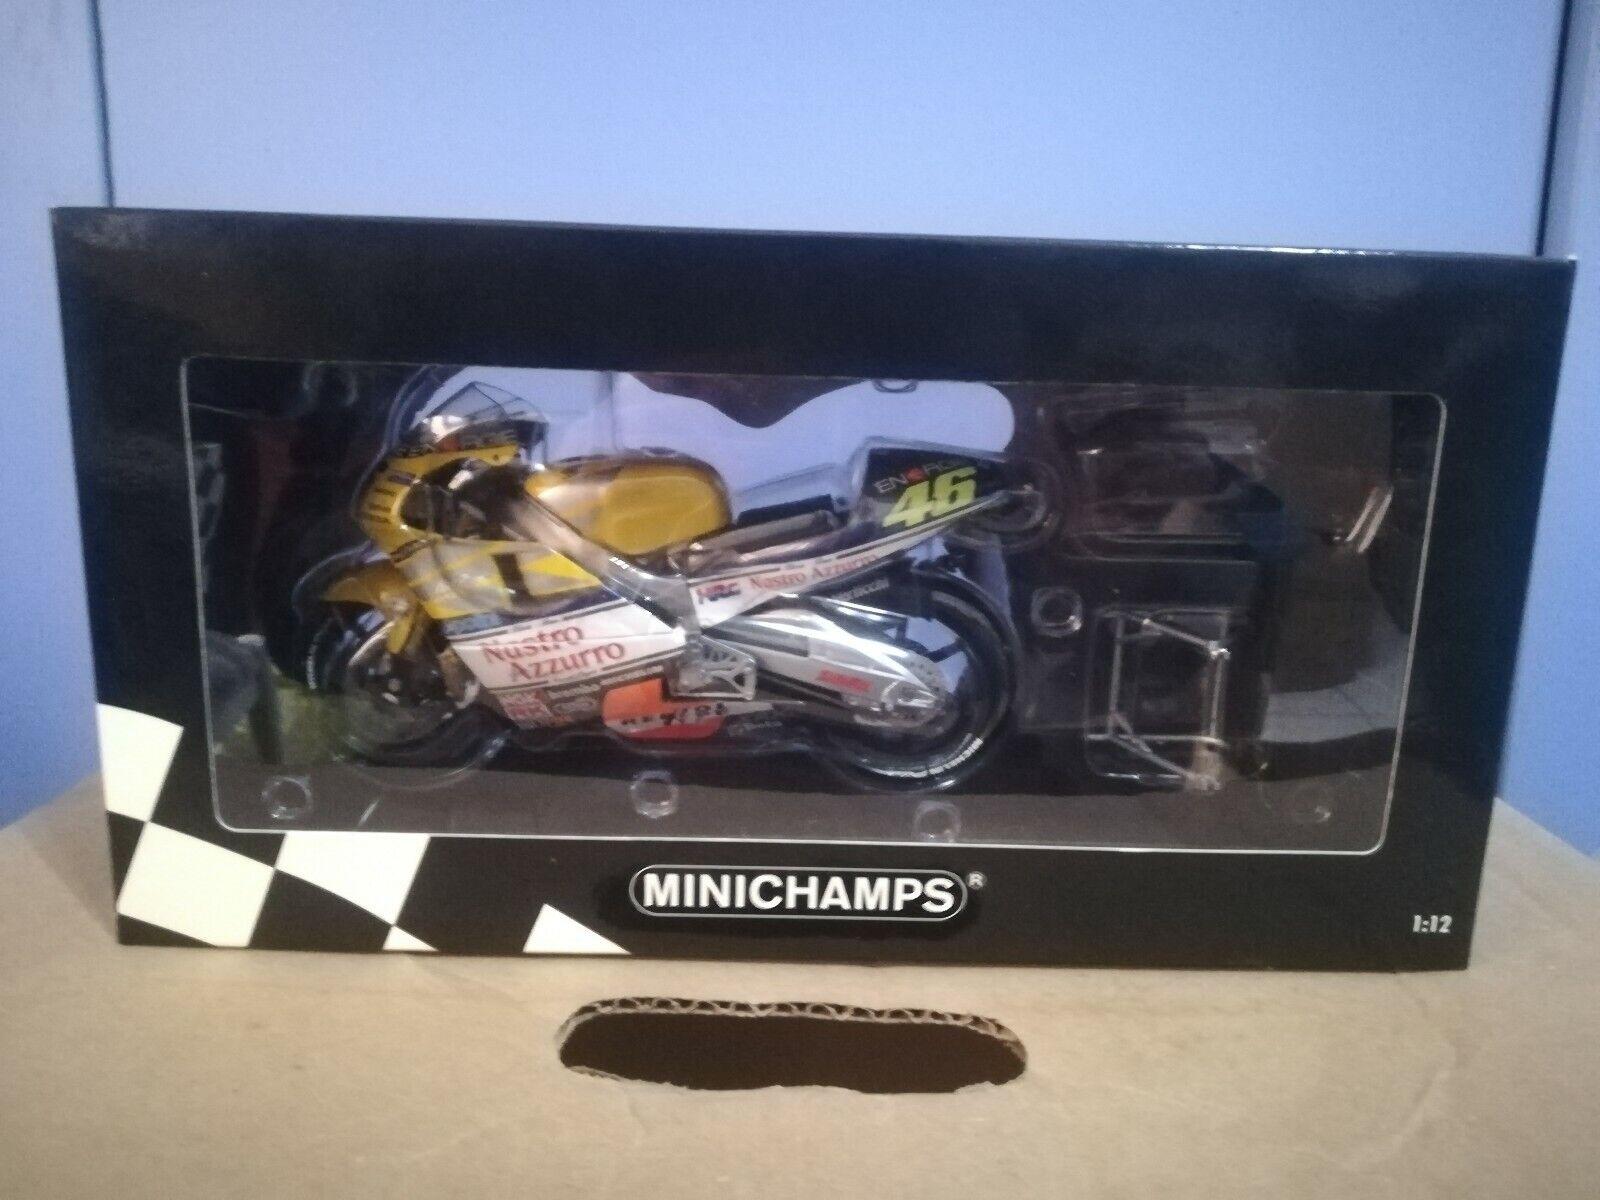 1 12 Minichamps Valentino Rossi 2001 Honda Nsr